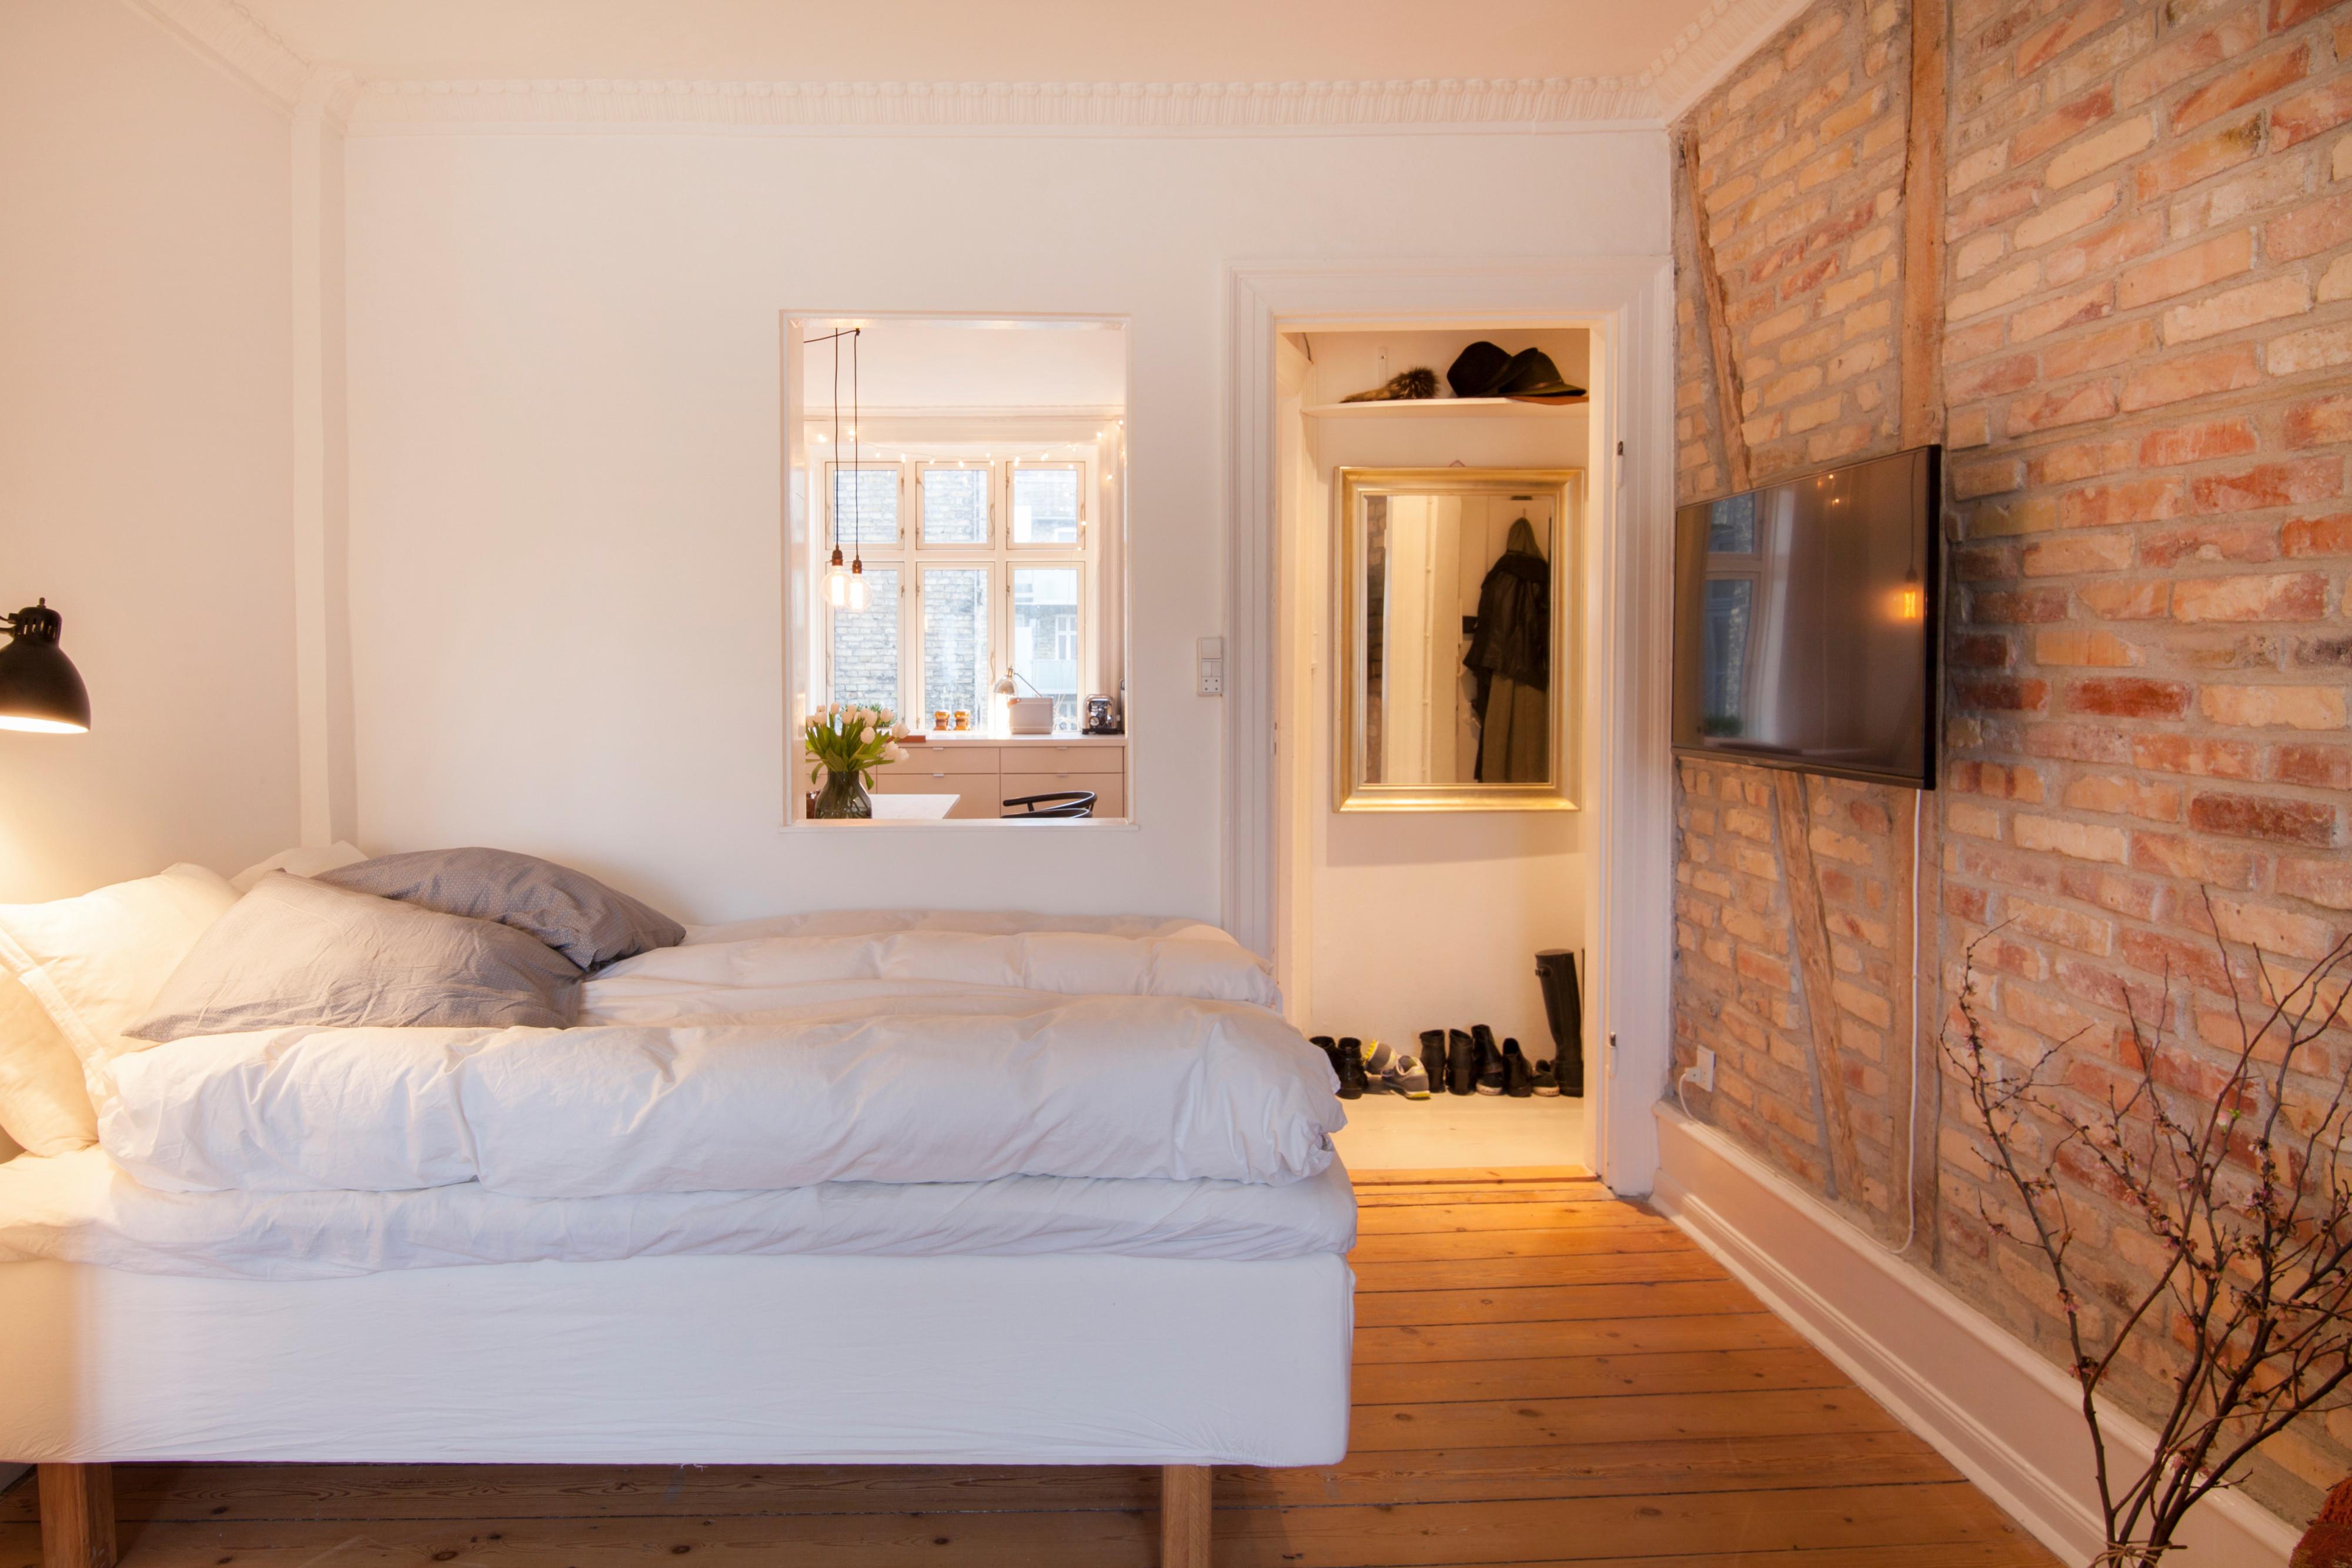 En lejlighed ved søerne i København til udlejning gennem Airbnb – pressefoto.